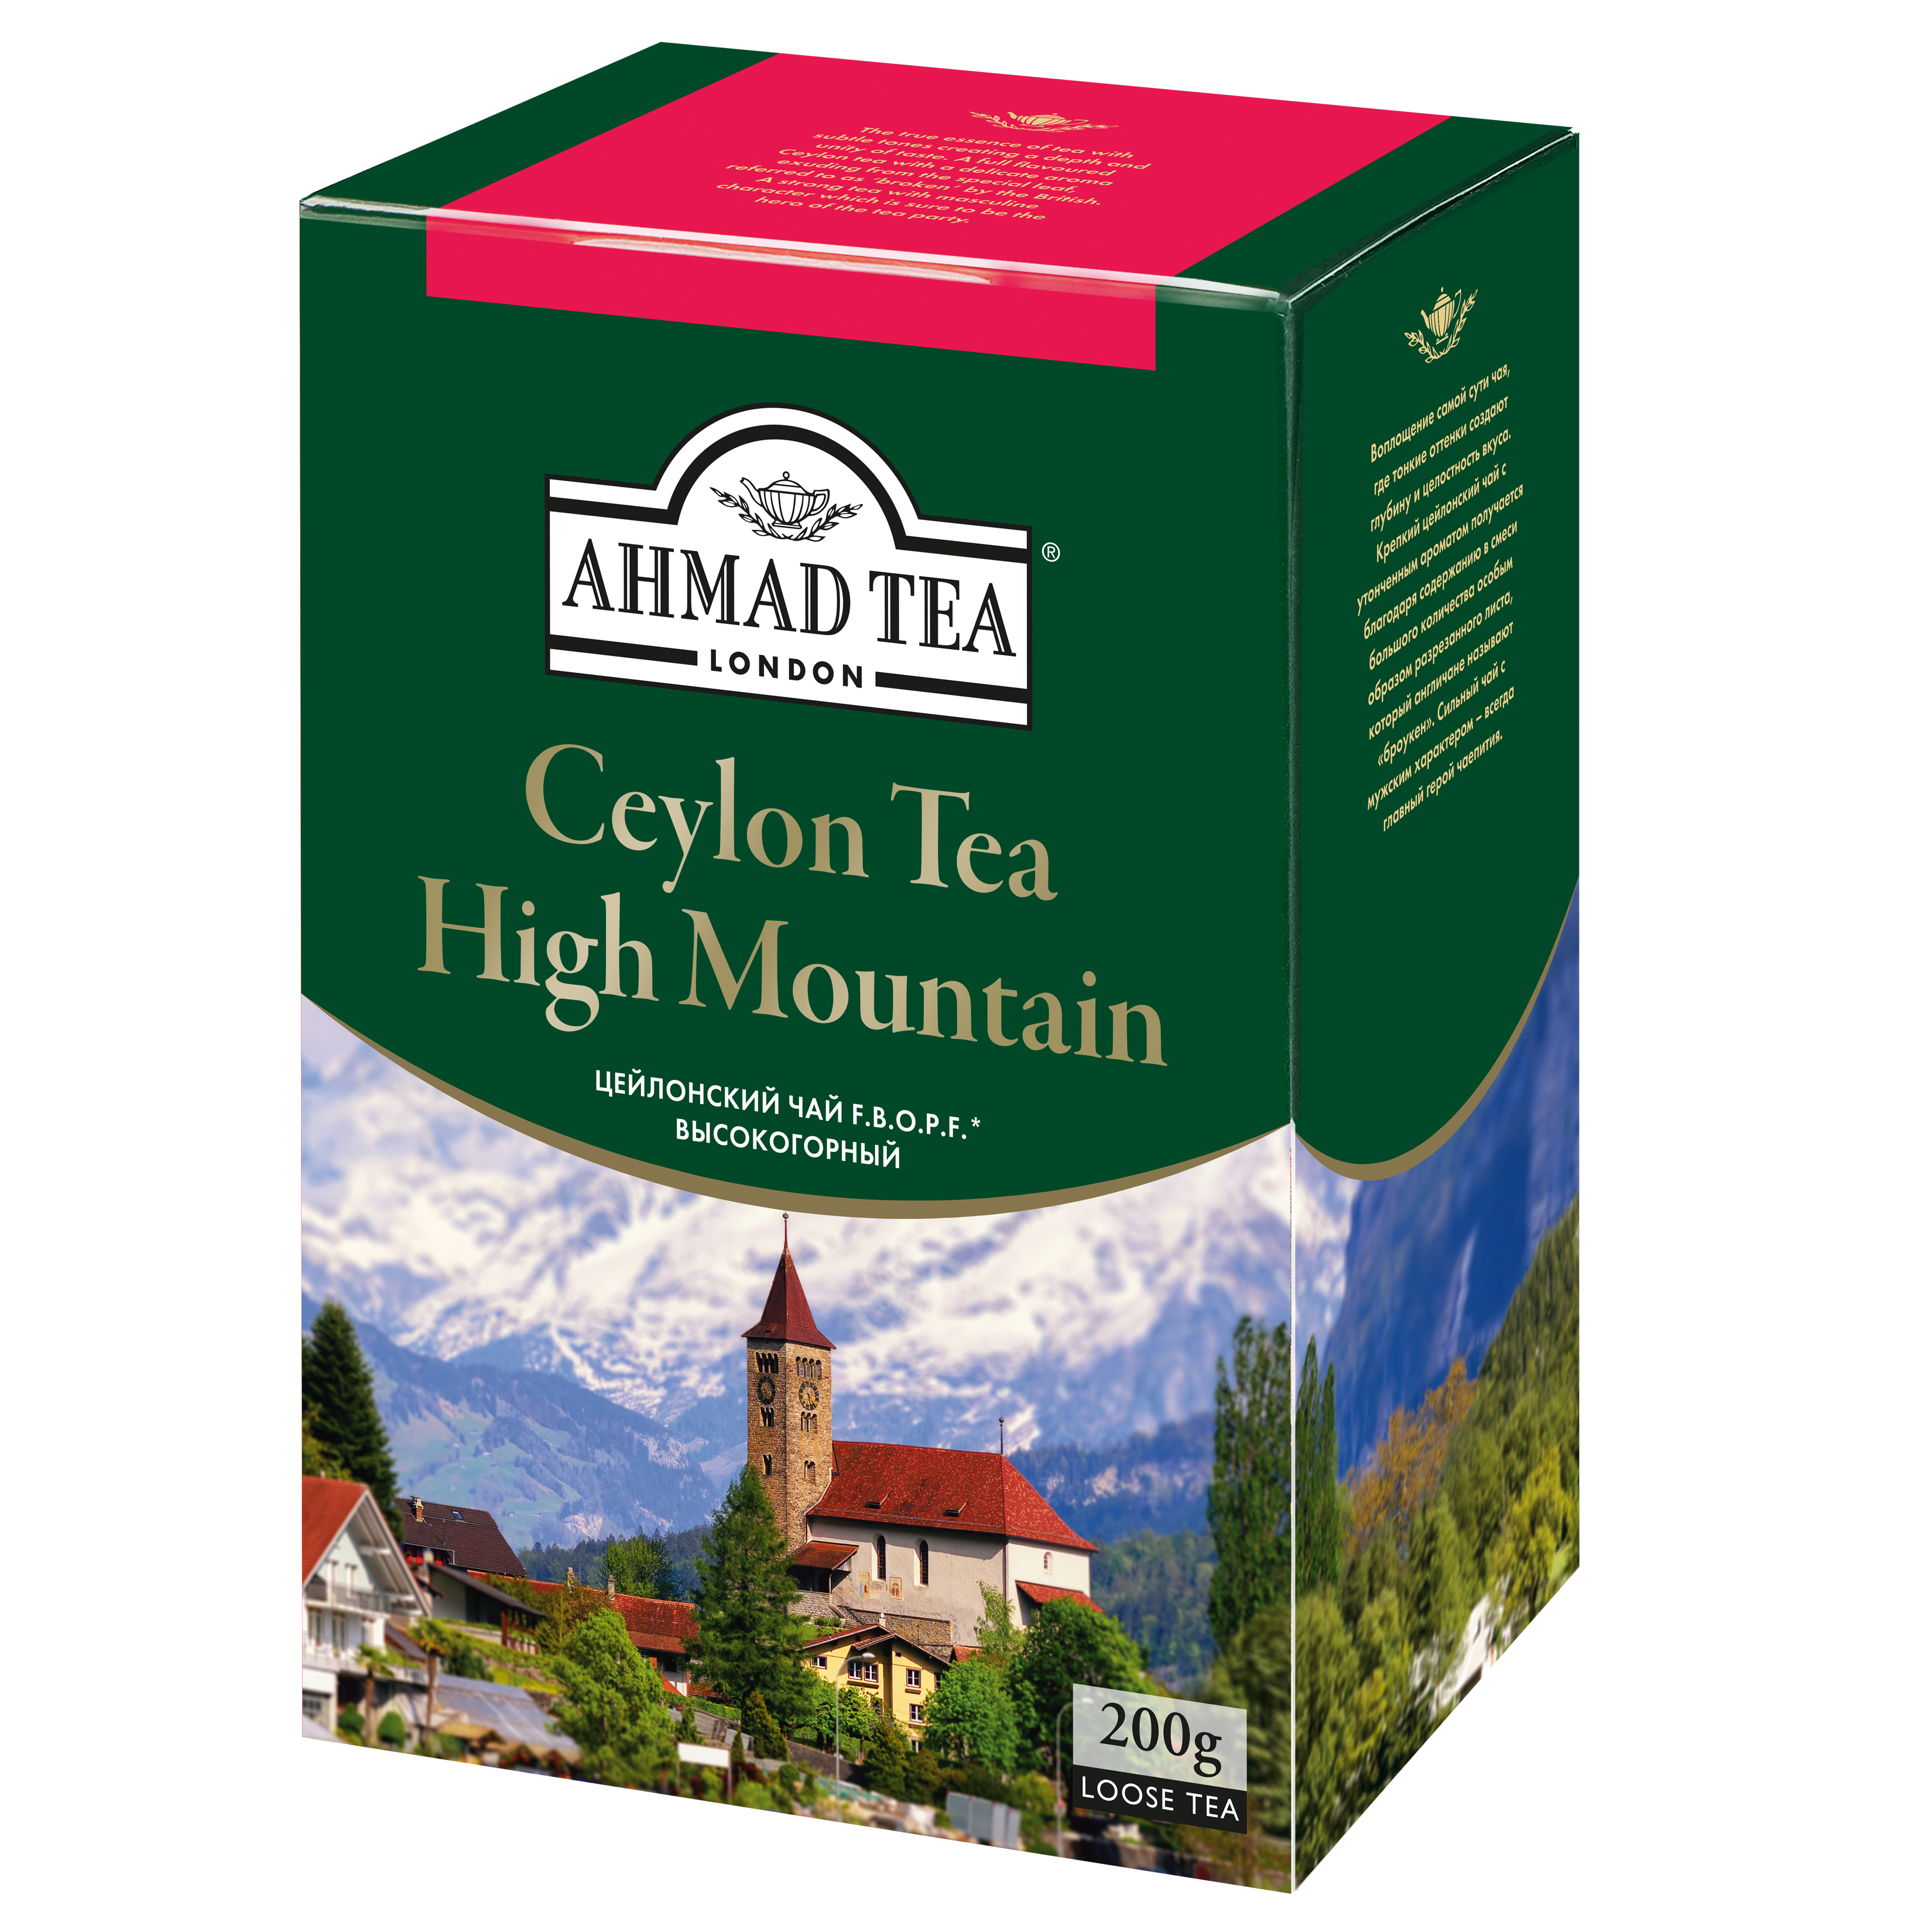 Чай черный Ahmad Tea ceylon tea высокогорный 200 г